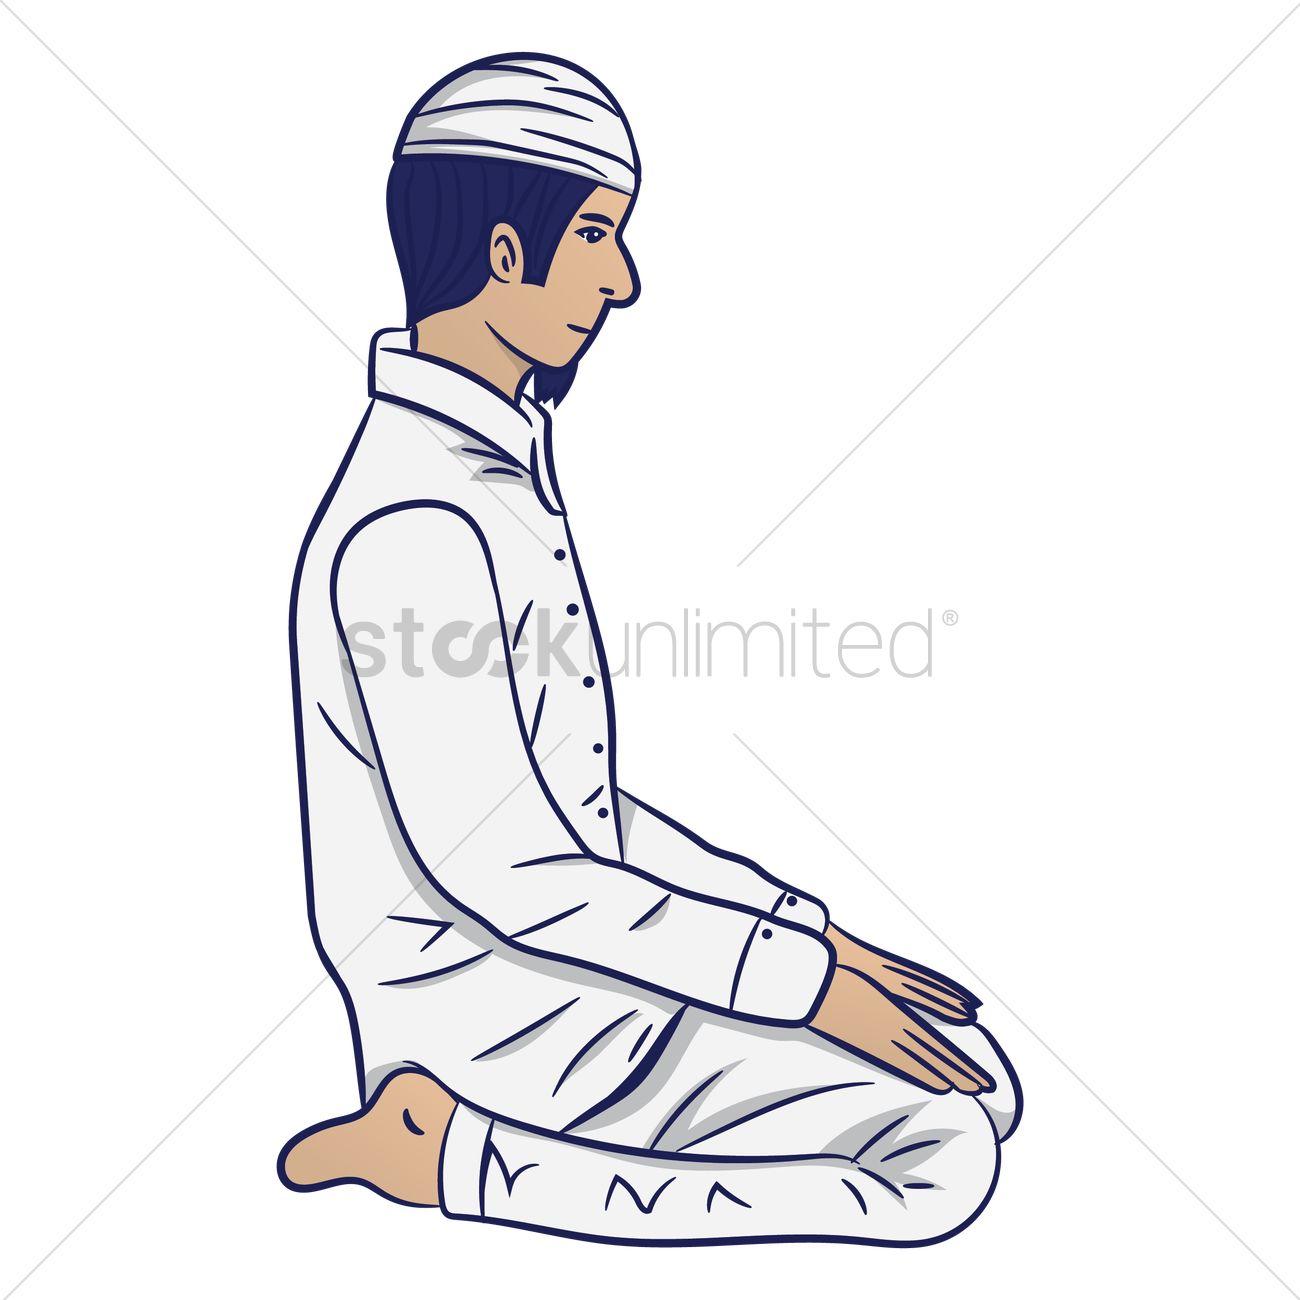 muslim cartoon praying wwwpixsharkcom images